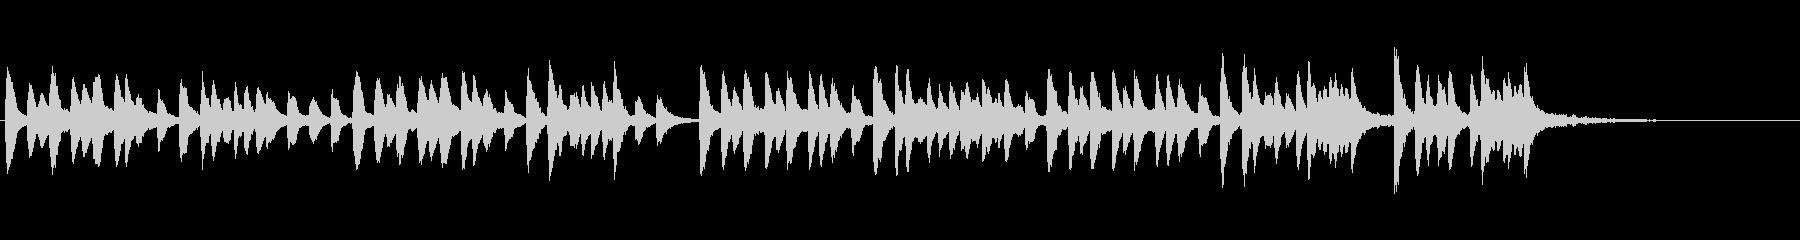 ほのぼの/明るい/マリンバとピアノの未再生の波形